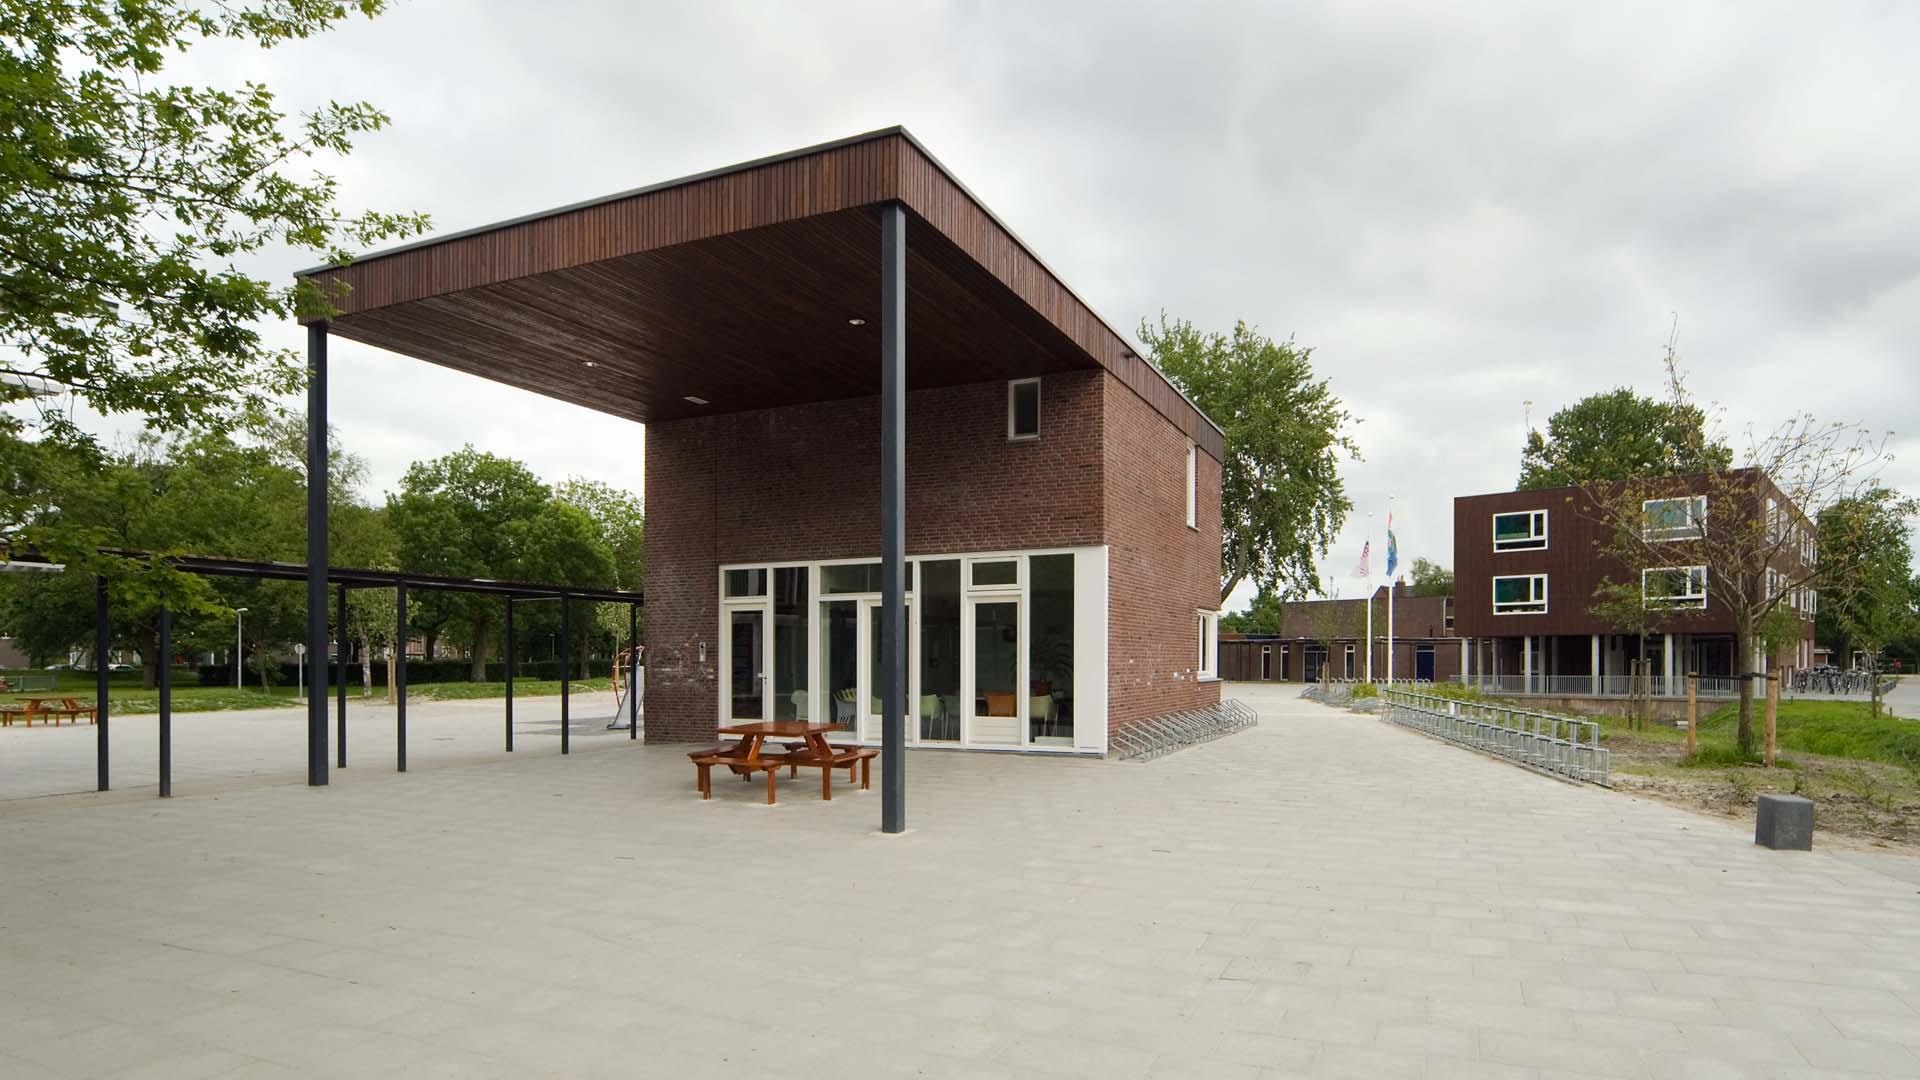 0243_Vensterschool Groningen_01